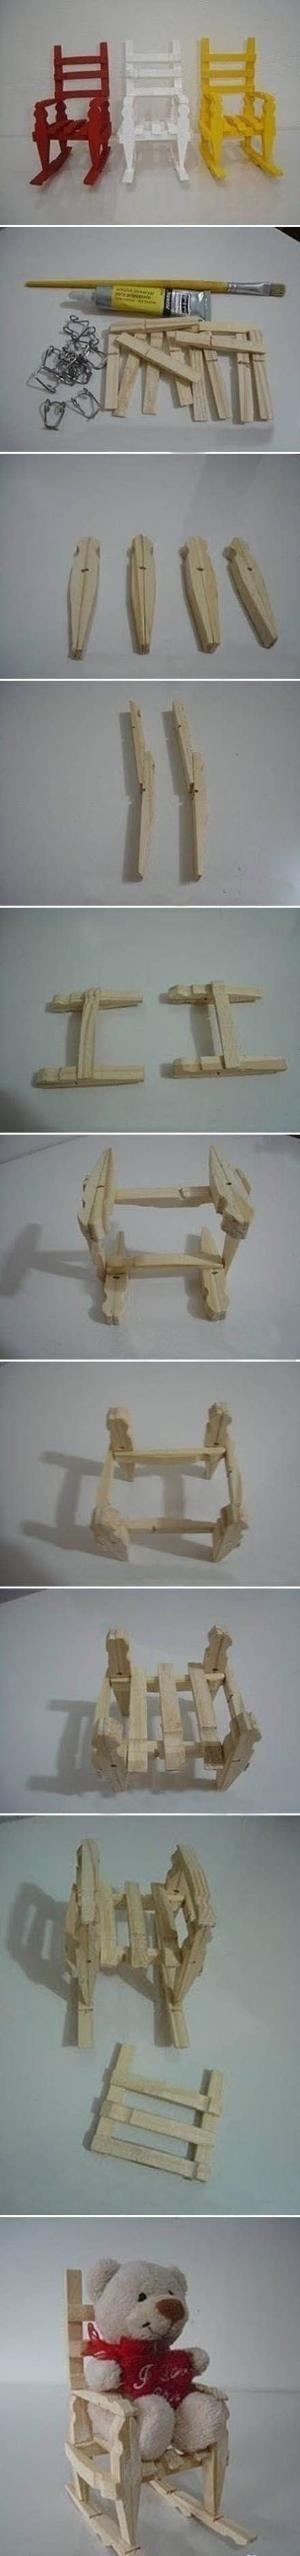 stoeltje van wasknijpers